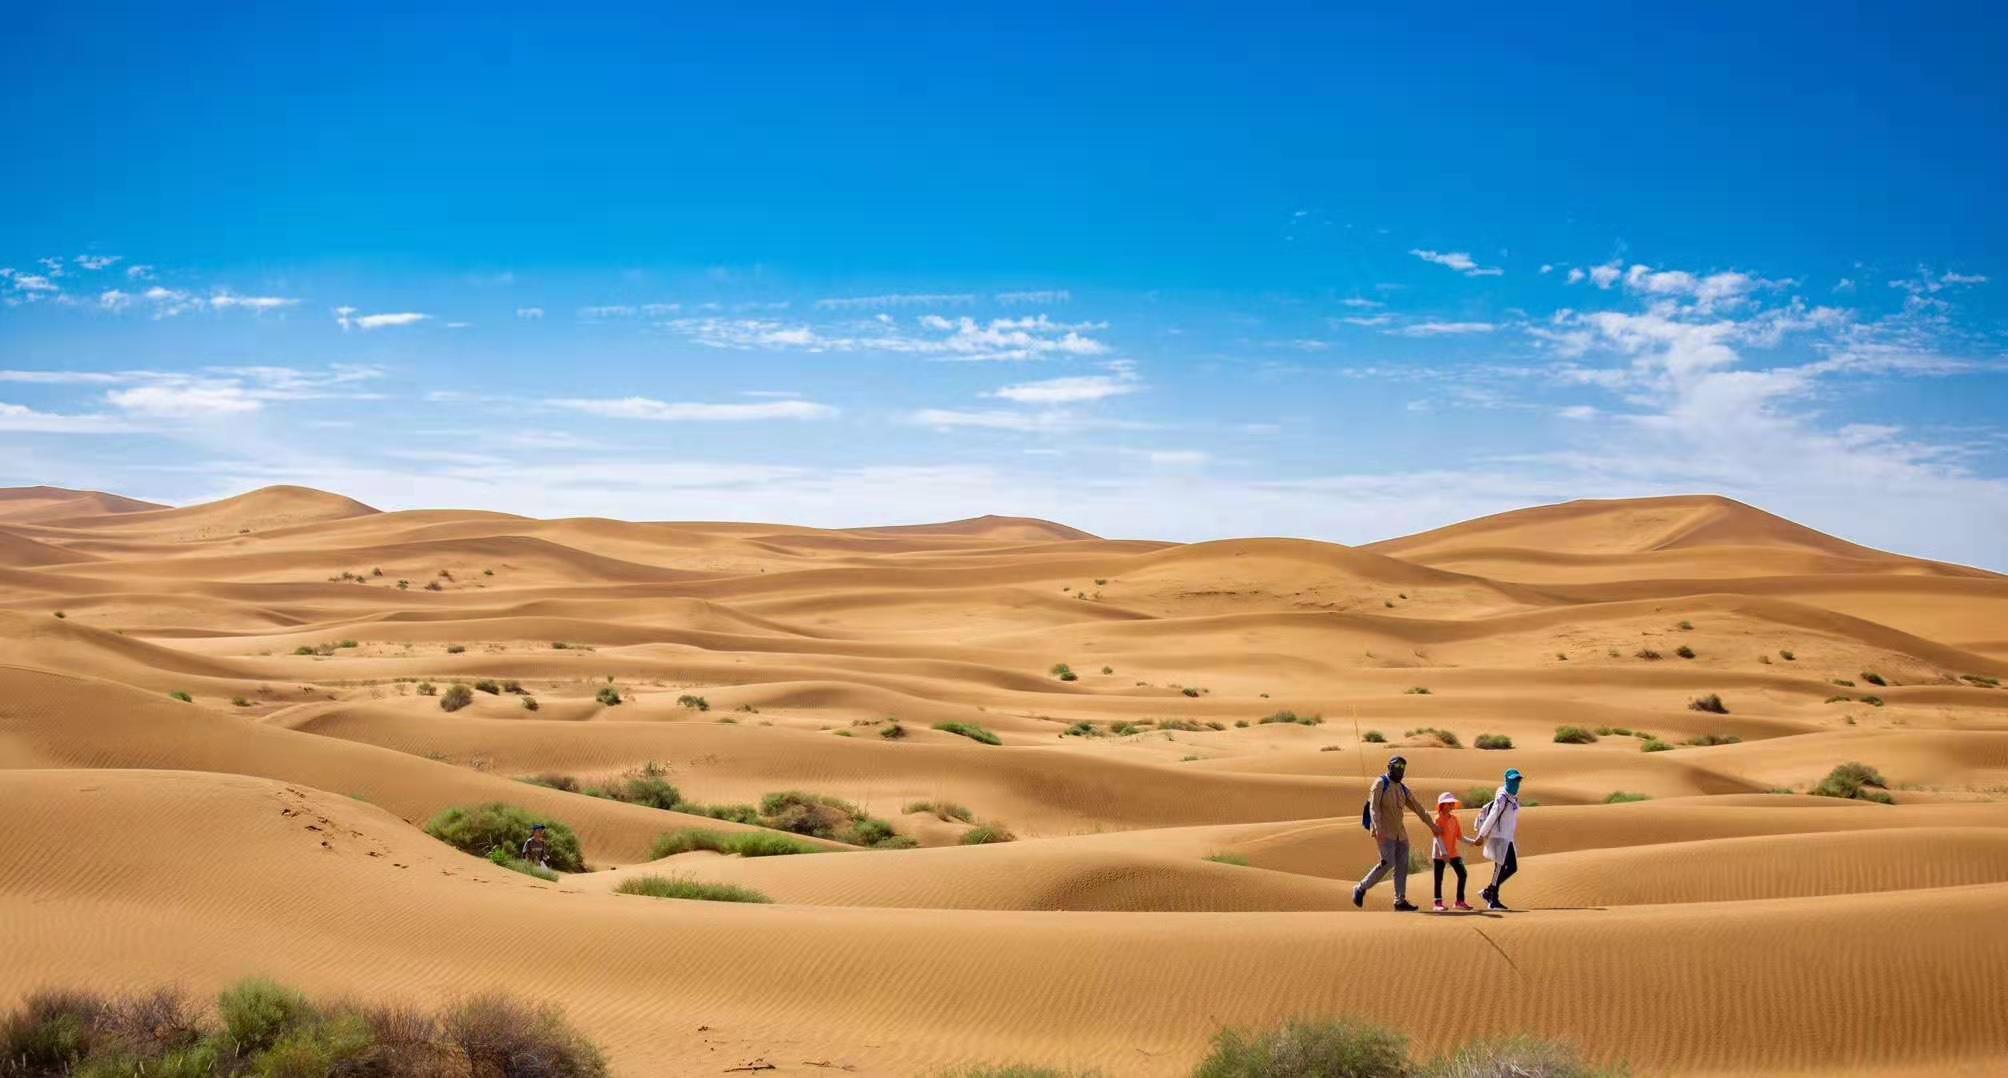 和沙漠的一百天图片_2019亲子征战腾格里沙漠-童游-亲子童游看世界·总有更好的亲子游